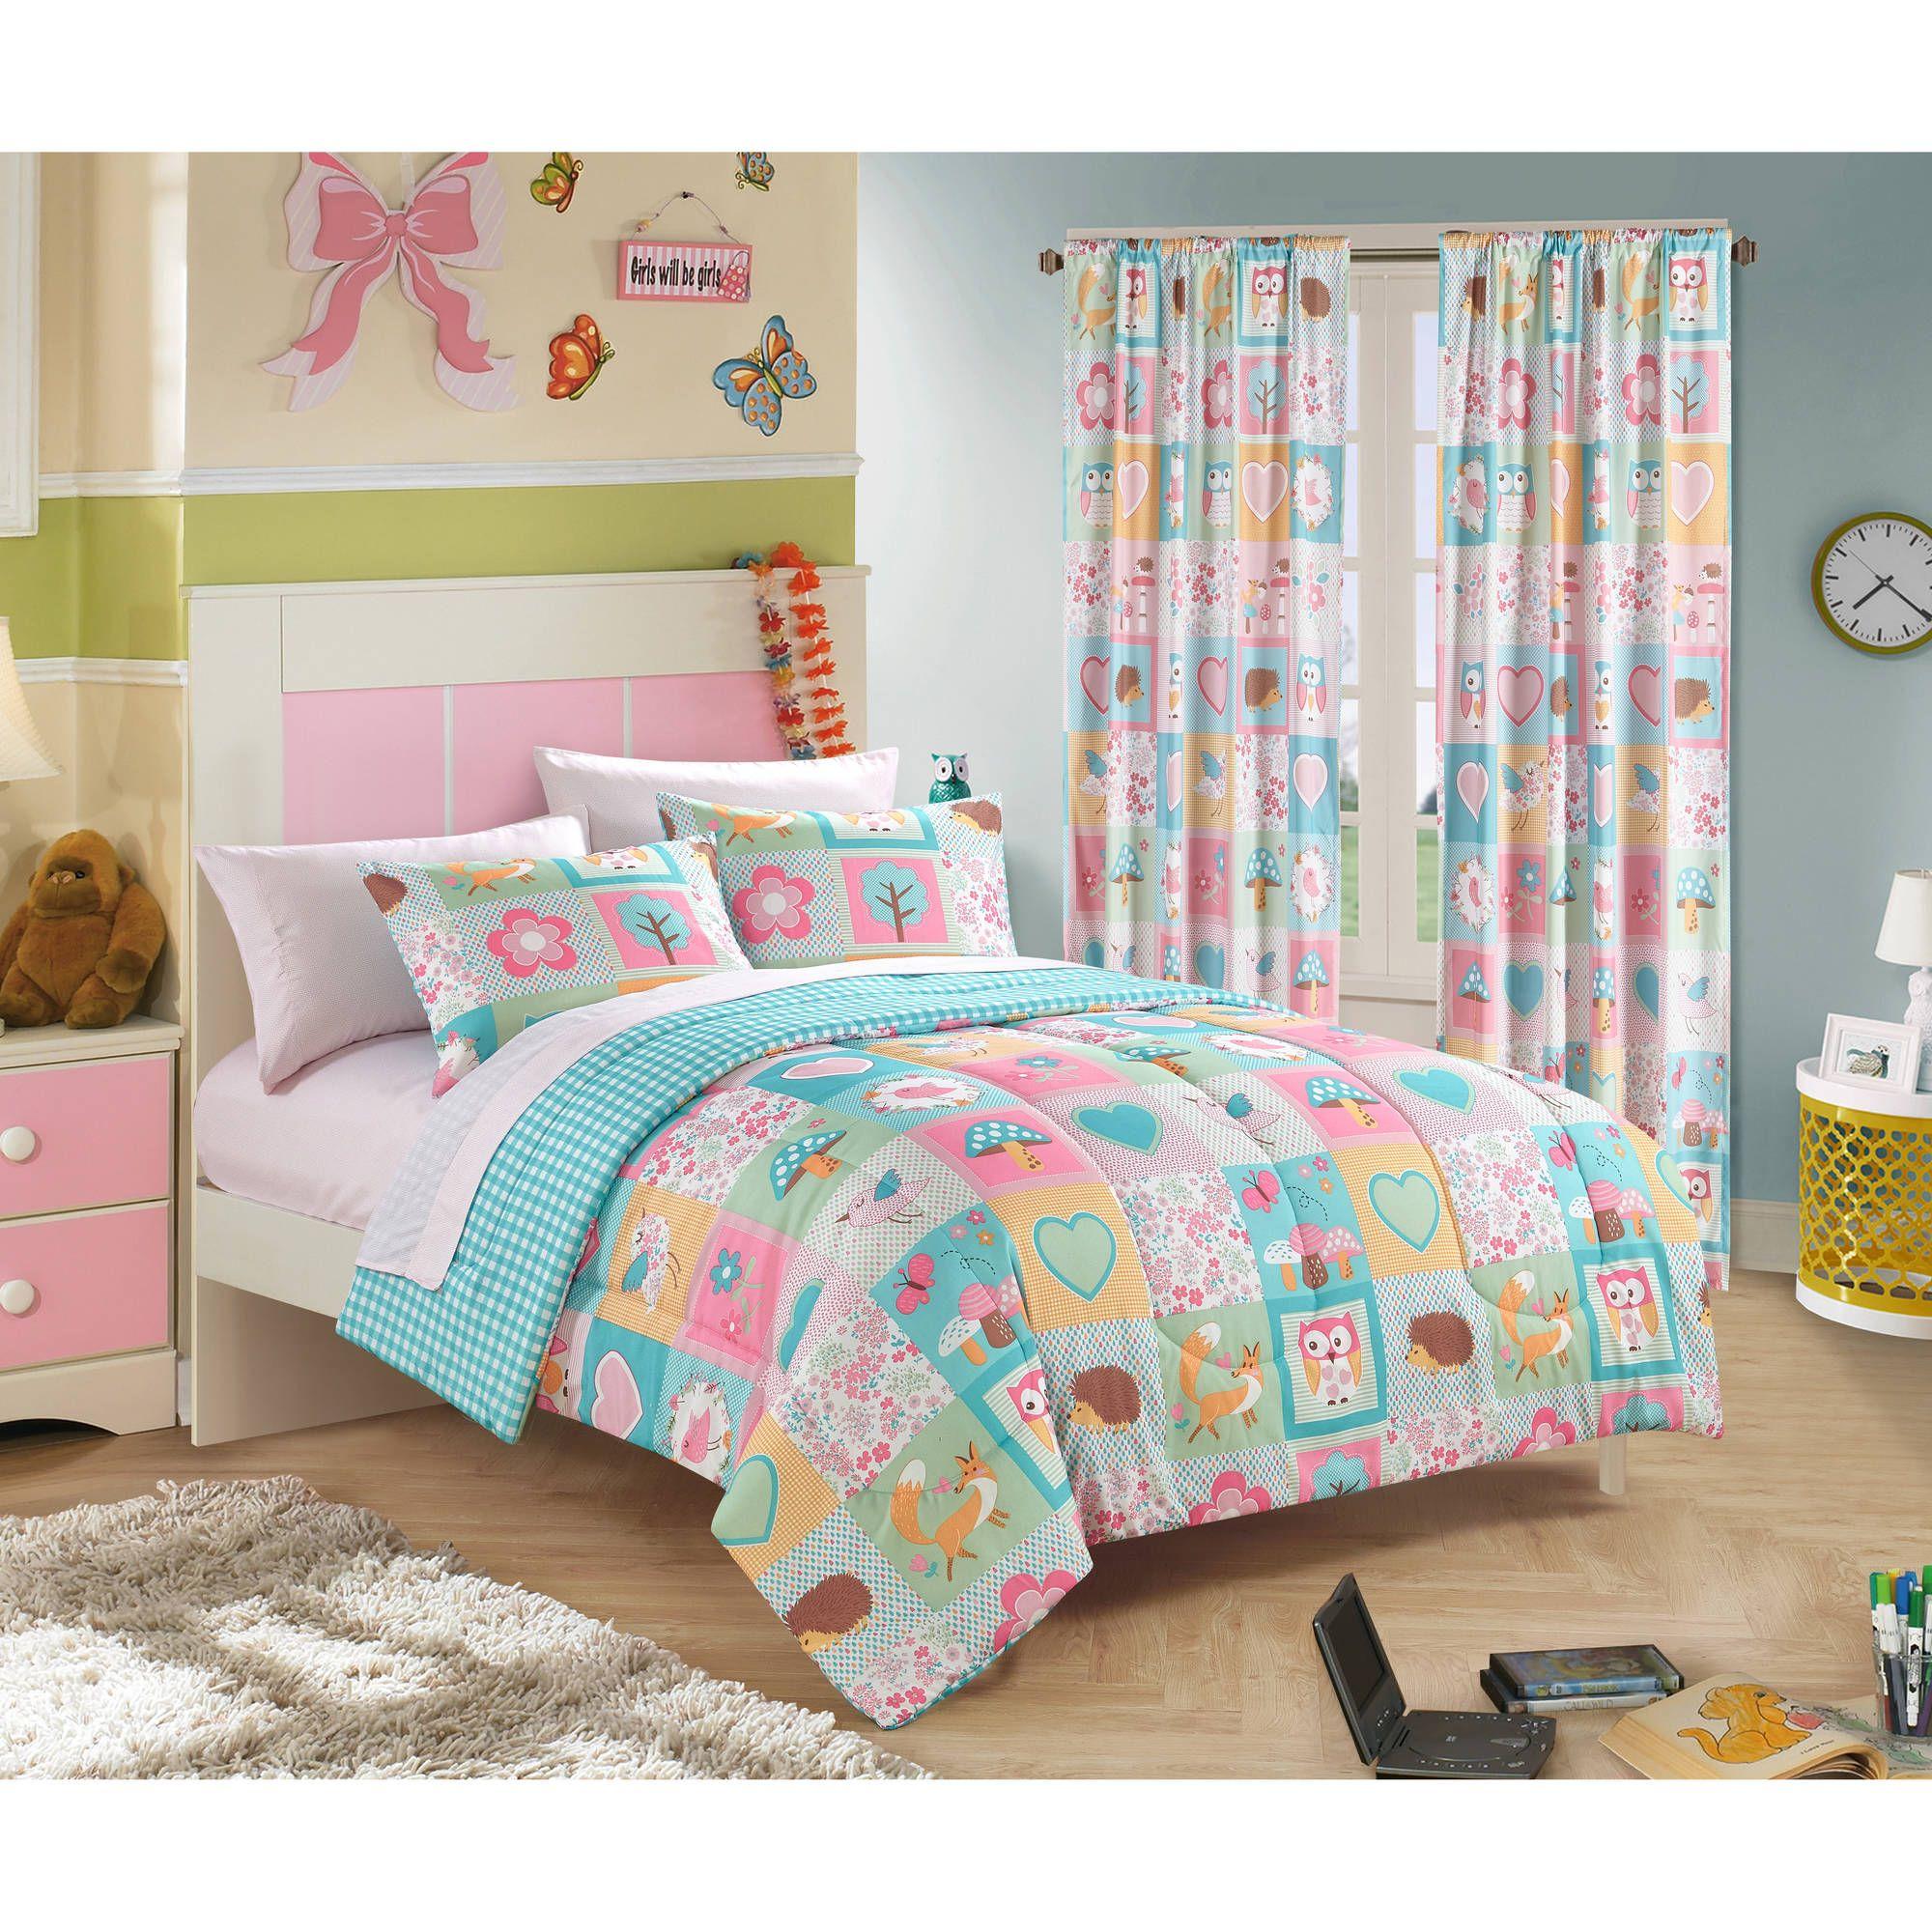 Walmart Bedroom Sets Stunning Mainstays Kids Woodland Friends Bed In A Bag Bedding Set  Walmart Decorating Inspiration